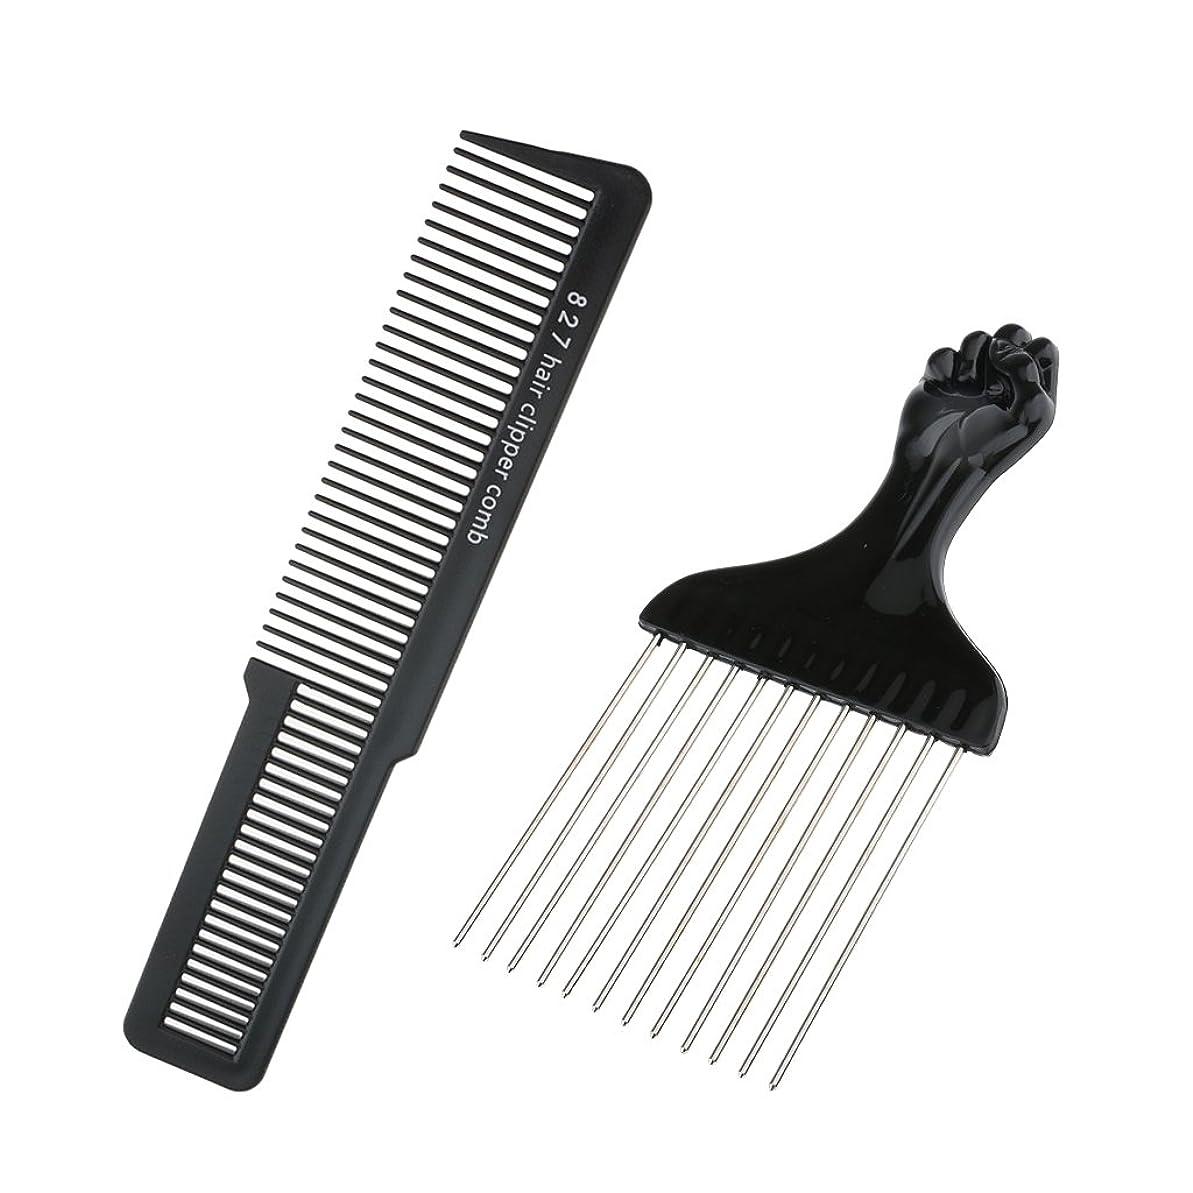 ラフトライアスロン柱美容院の理髪師のヘアスタイリングセットの毛の切断のクリッパーの櫛セットが付いている黒いステンレス鋼のアフロピックブラシ